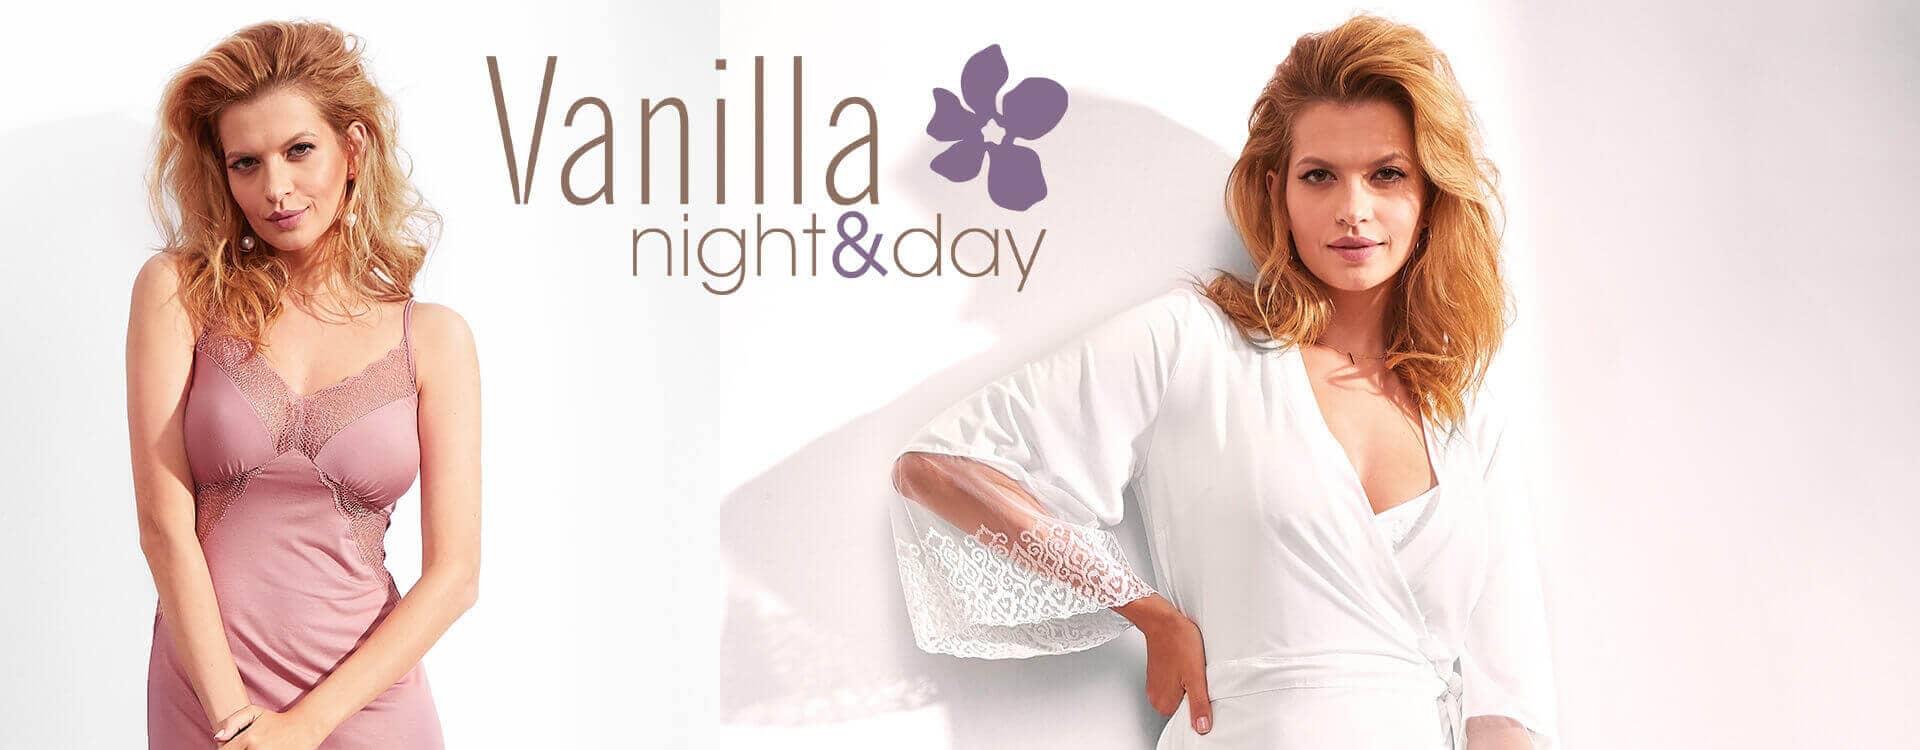 Vanilla night&day